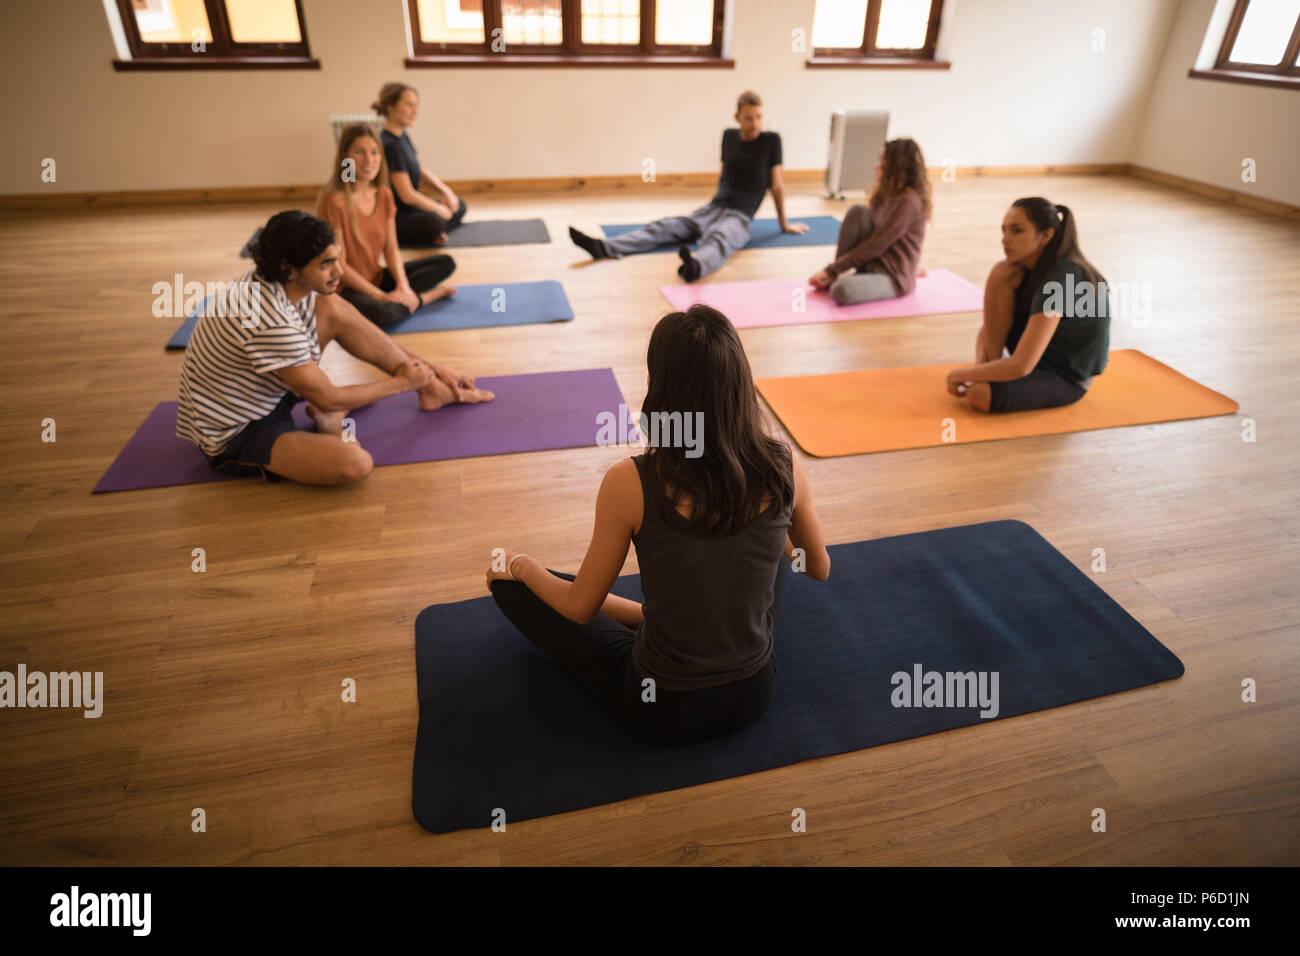 Female trainer en interaction avec un groupe de personnes Banque D'Images